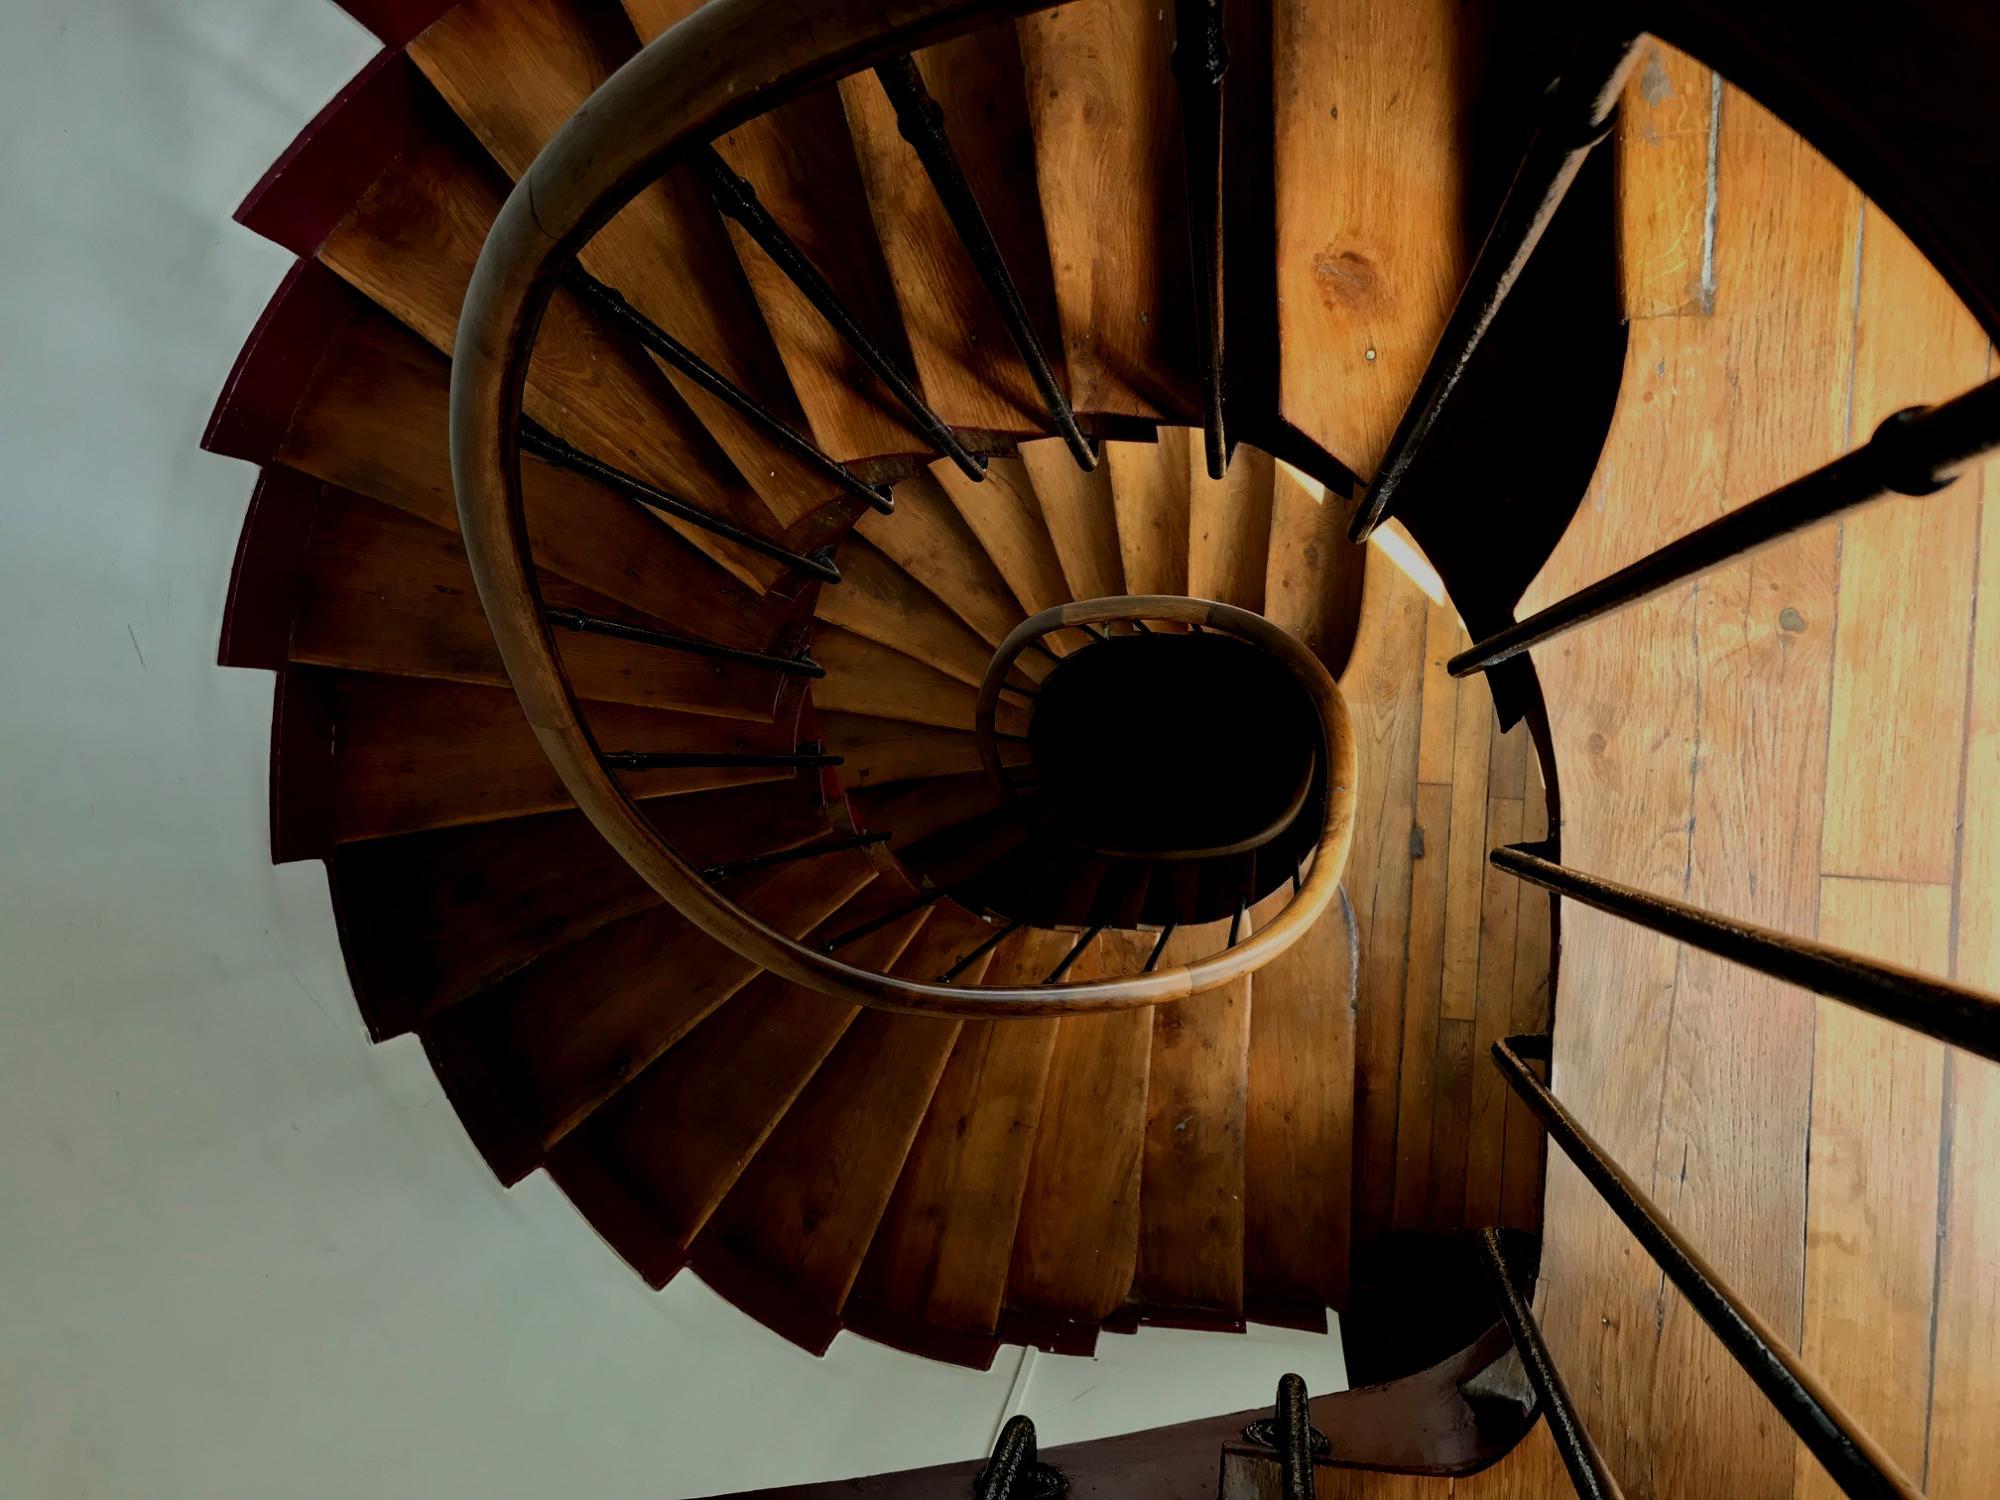 Escalier, nue propriete ancienne, Paris 10